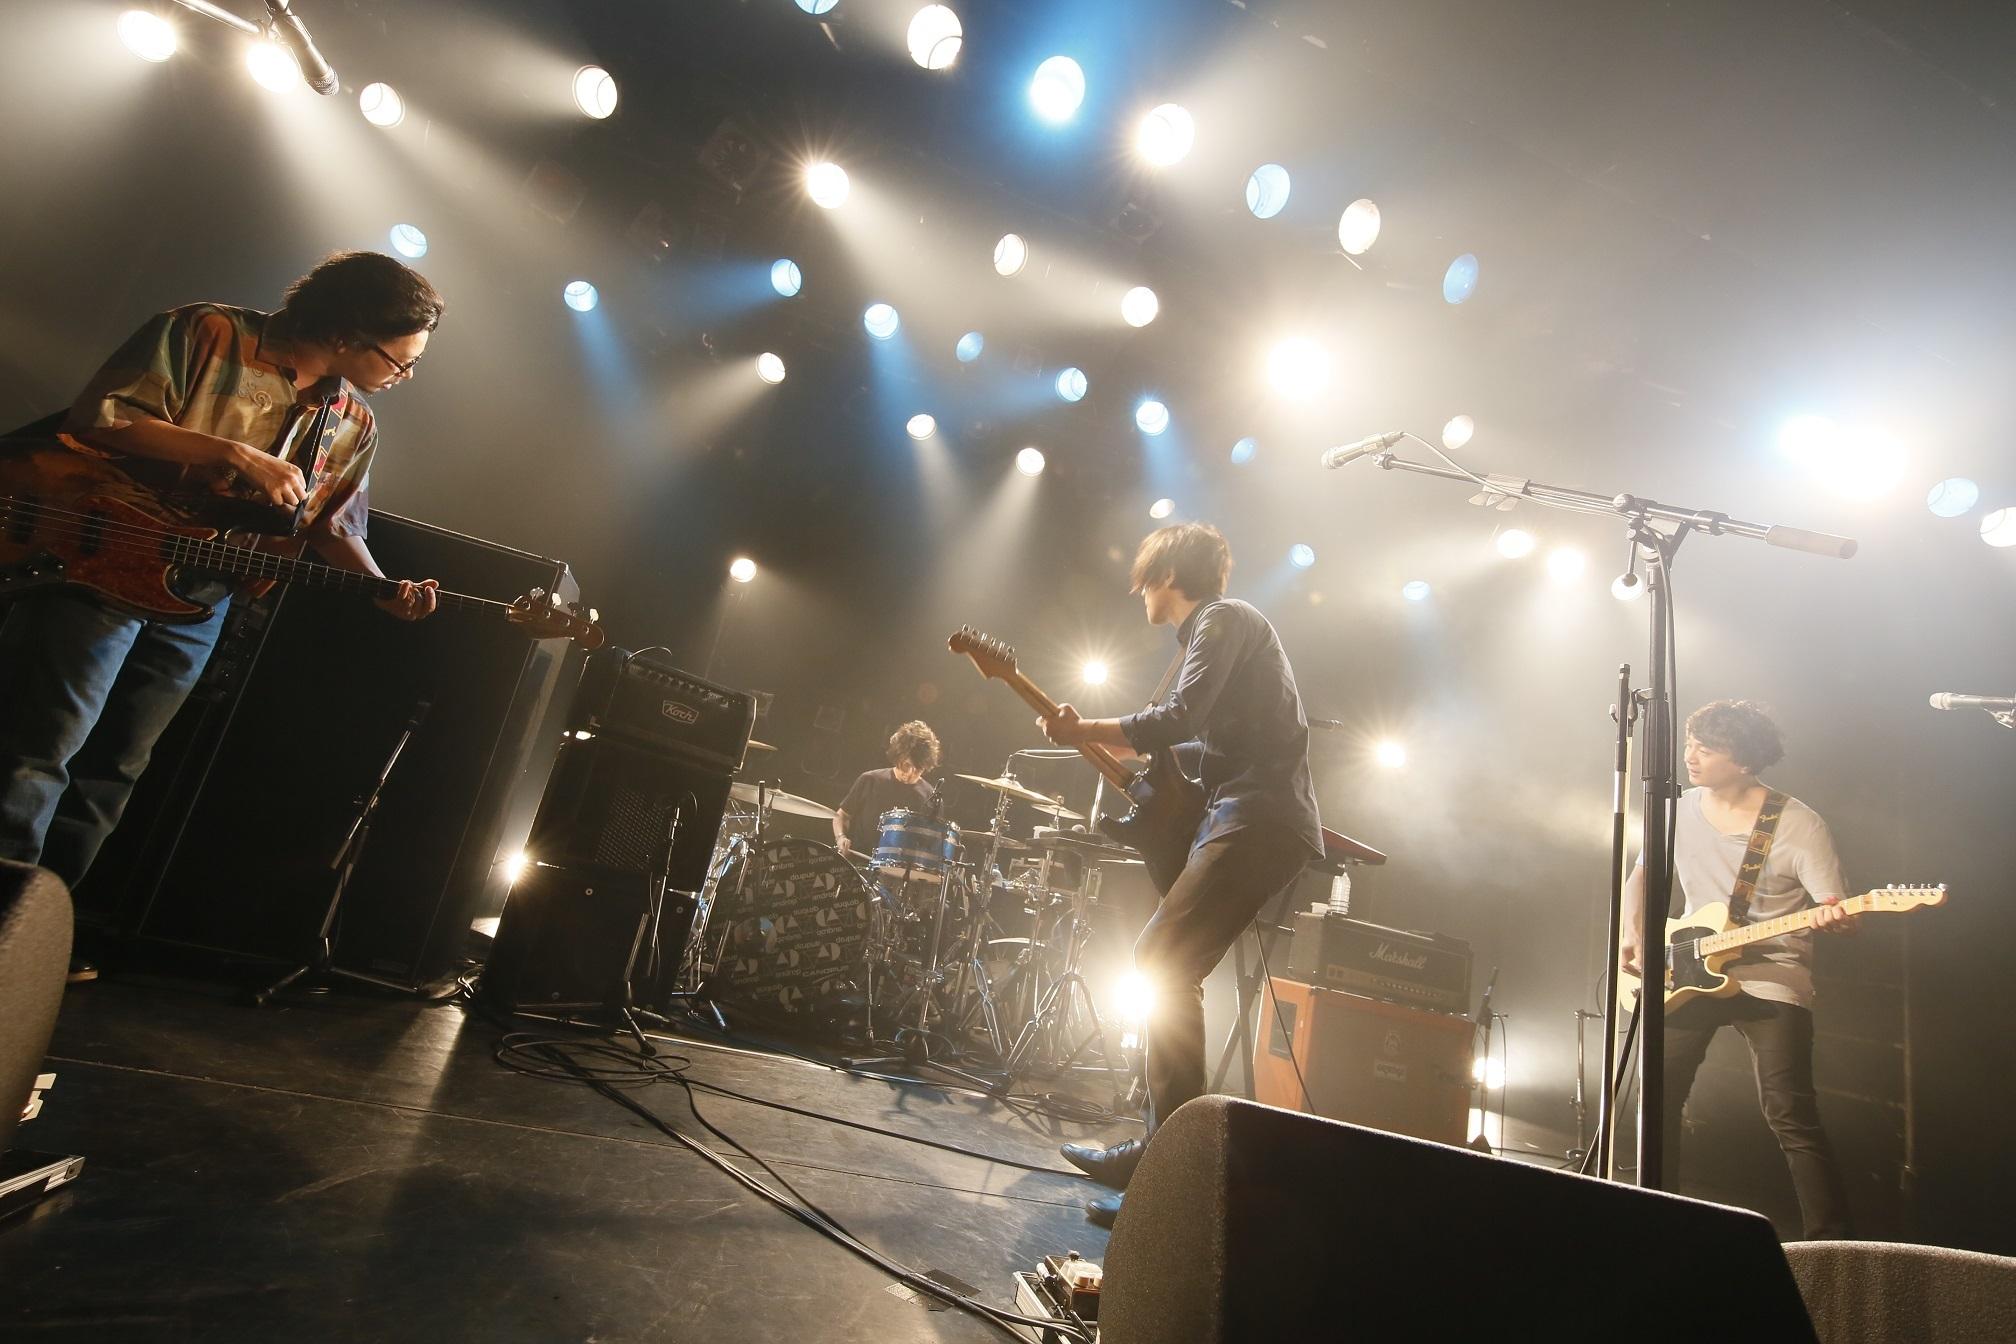 androp  撮影=Taichi Nishimaki、Rui Hashimoto(SOUND SHOOTER)